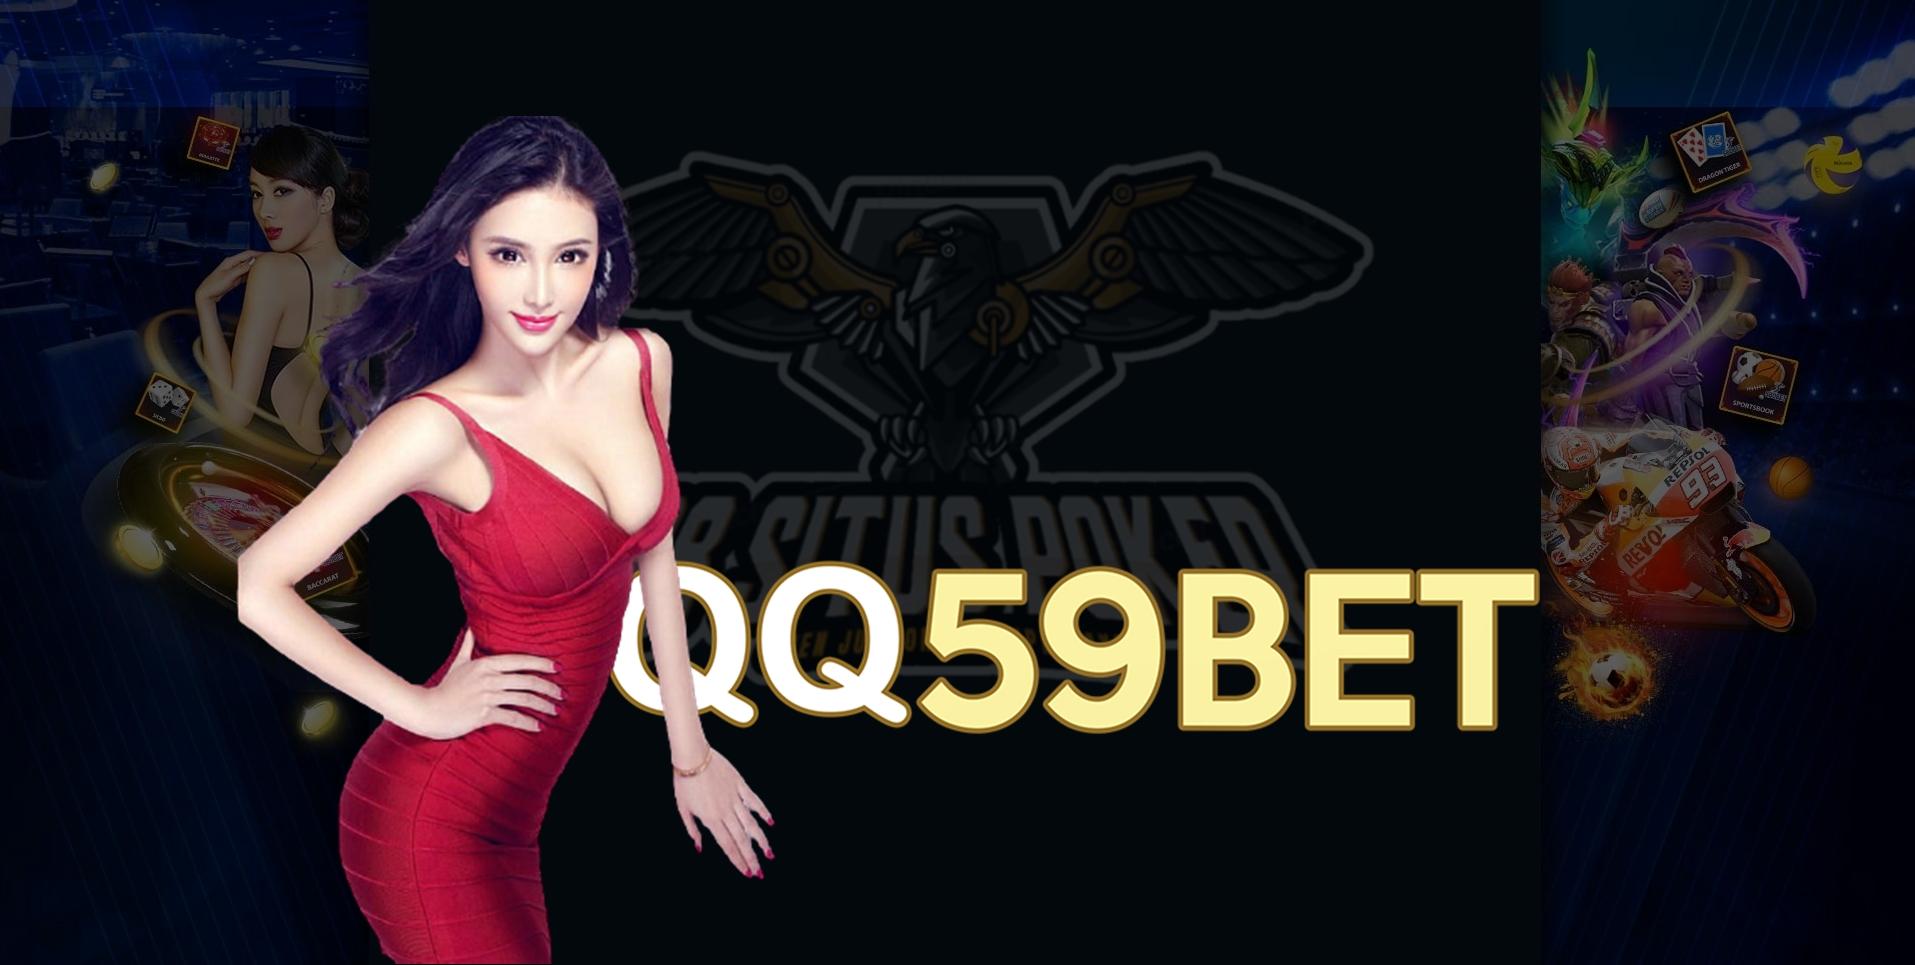 QQ59Bet Situs Qq Slot Online Terbaru Dan Terbaik Di Indonesia